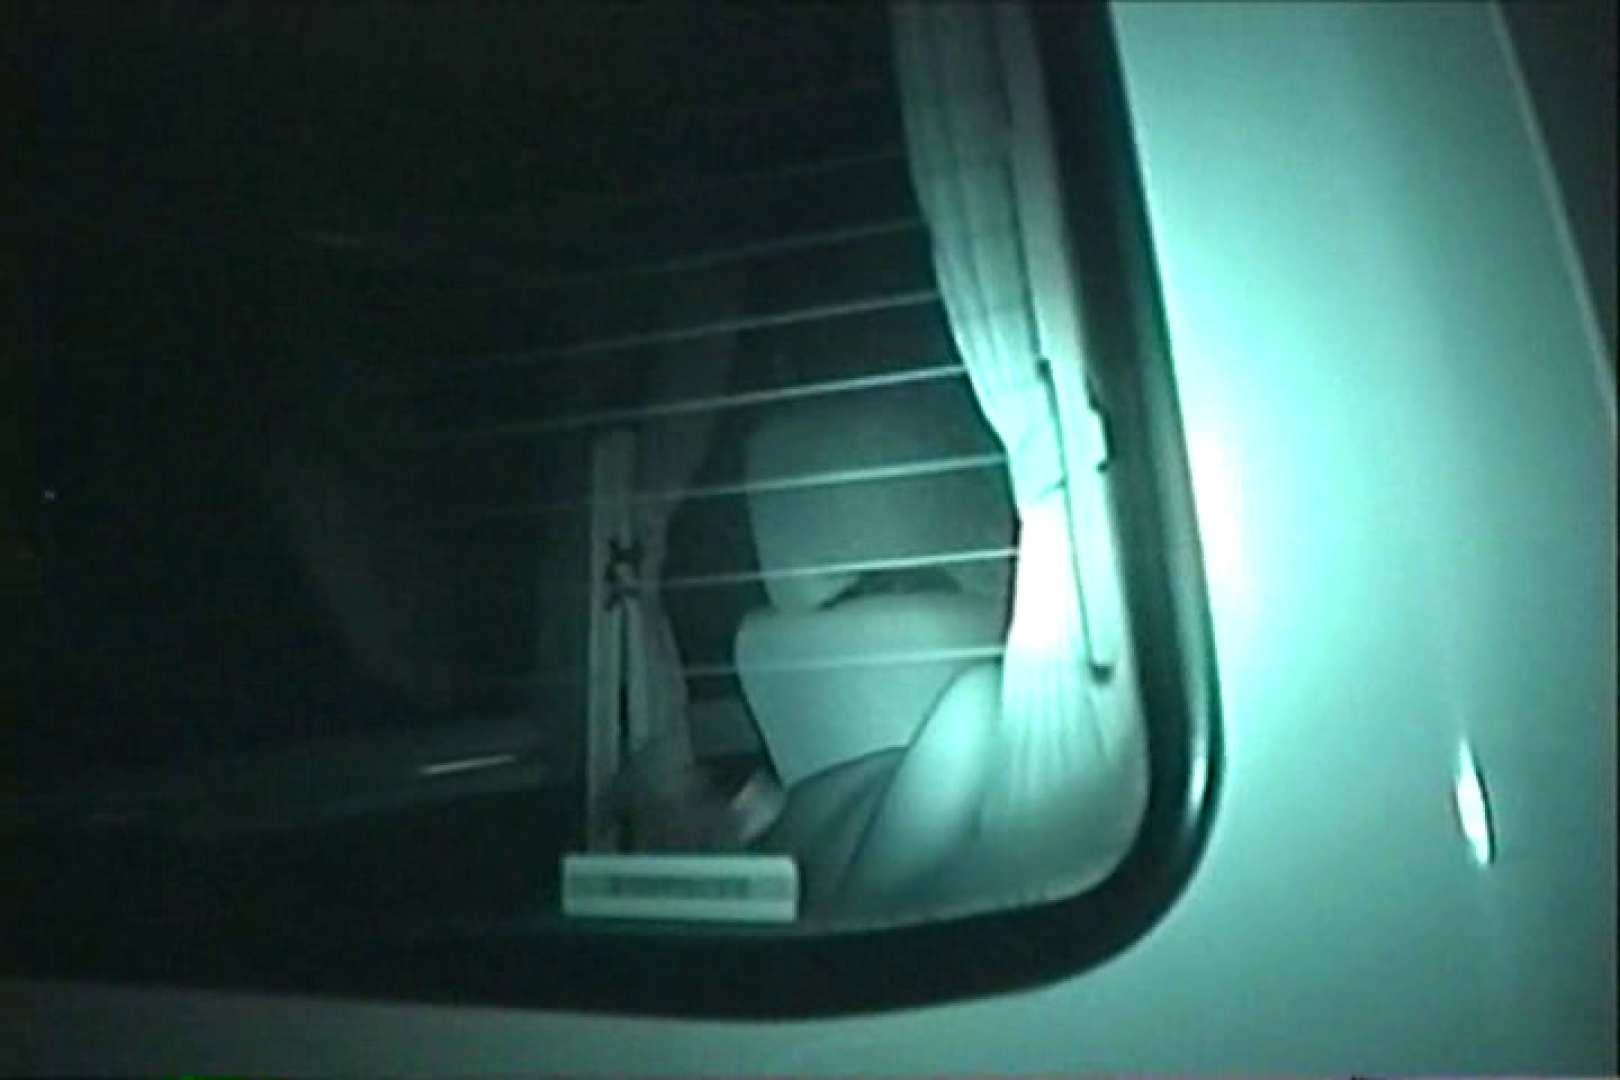 車の中はラブホテル 無修正版  Vol.28 OLセックス | カップル  79画像 37